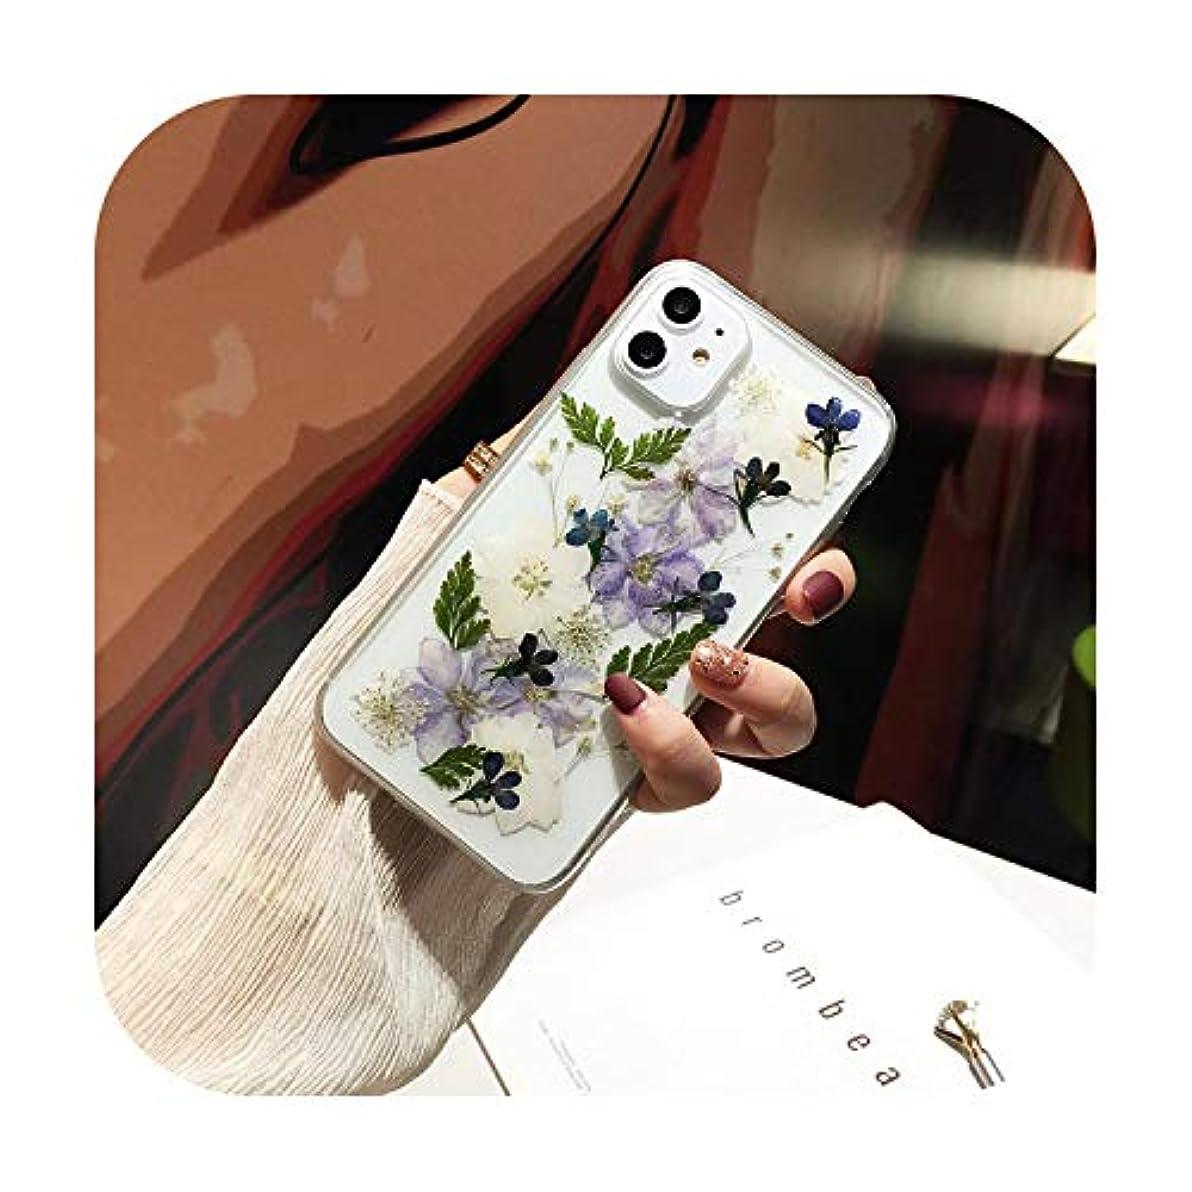 スコットランド人勤勉な弾性乾燥リアルフラワーハンドメイドクリアプレス電話ケースfor iPhone 11 Pro Max X XS Max XR 6 6S 7 8 Plus SE 2020ソフトカバー-8-for iPhone SE 2020